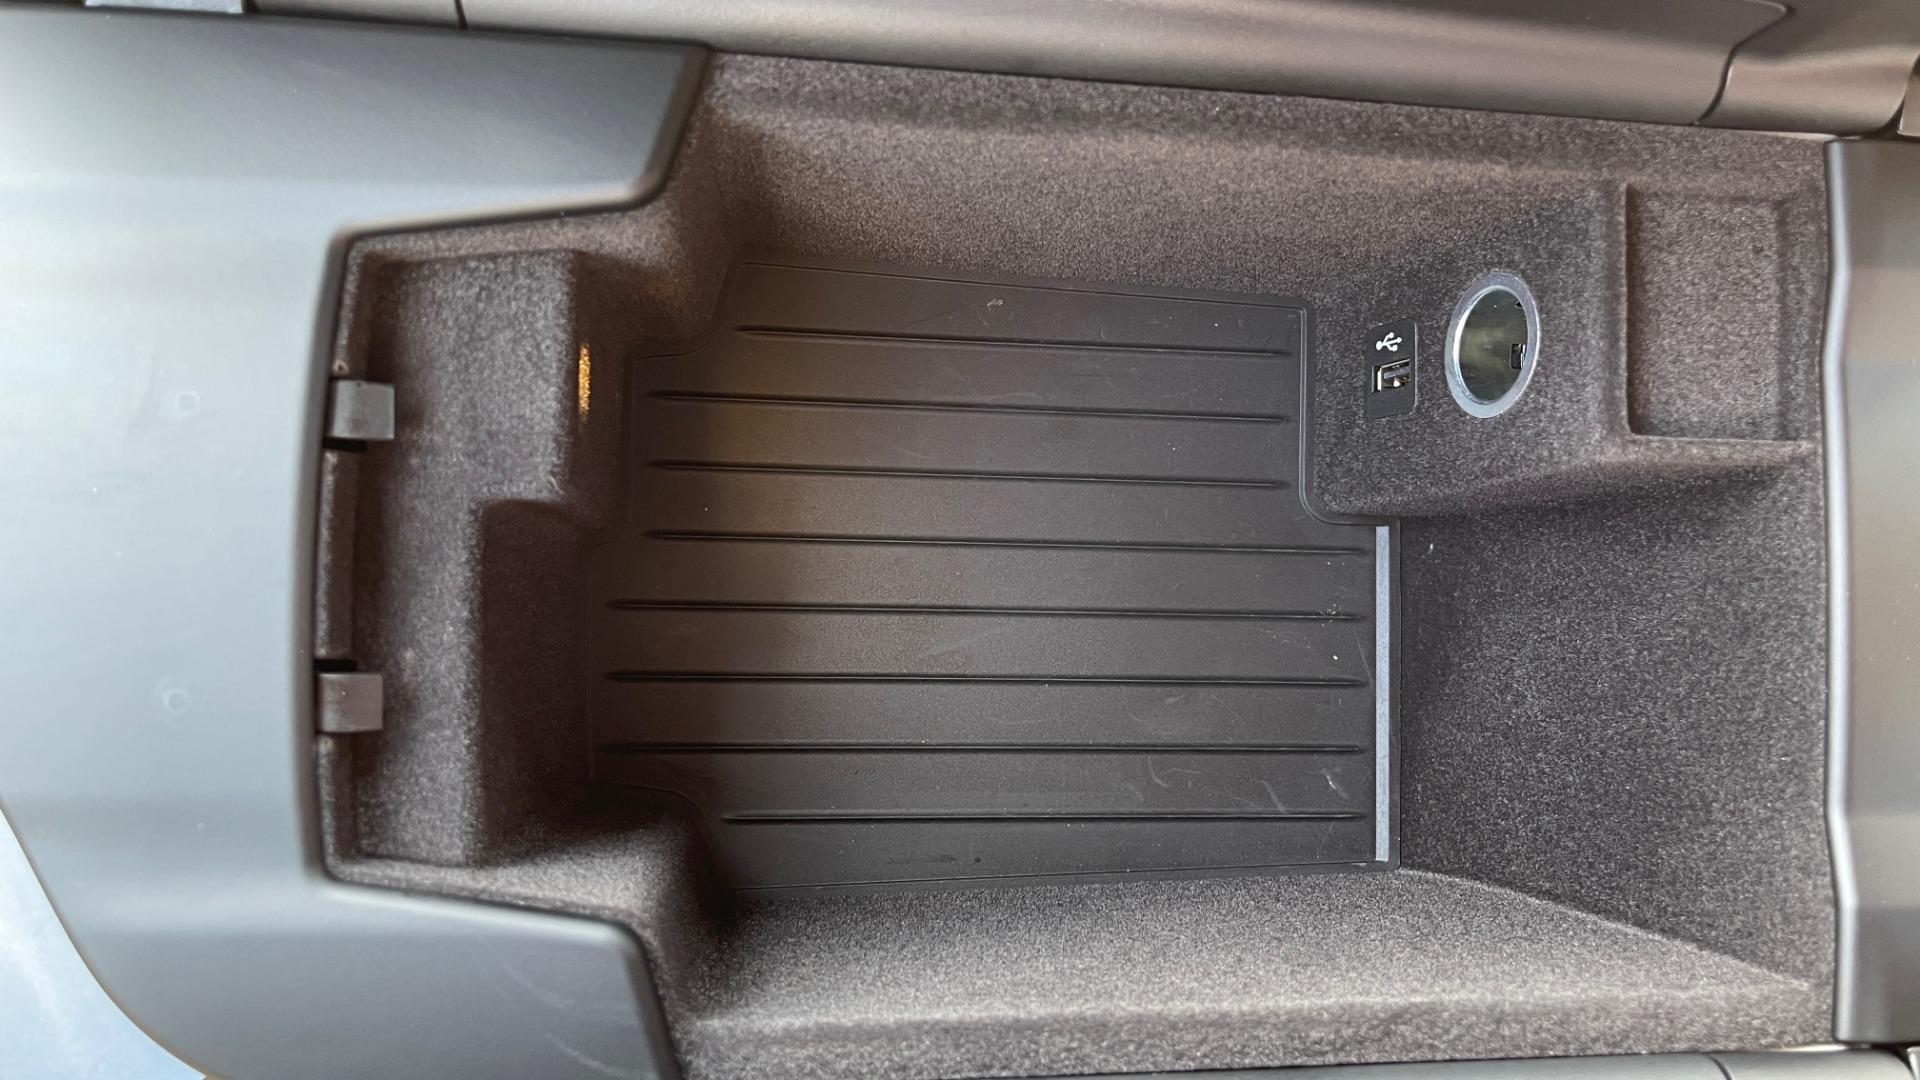 Used 2018 BMW 5 SERIES 540I M-SPORT / EXECUTIVE PKG / DRVR ASST PKG / BLIND SPOT / LANE DEPART for sale $40,995 at Formula Imports in Charlotte NC 28227 54